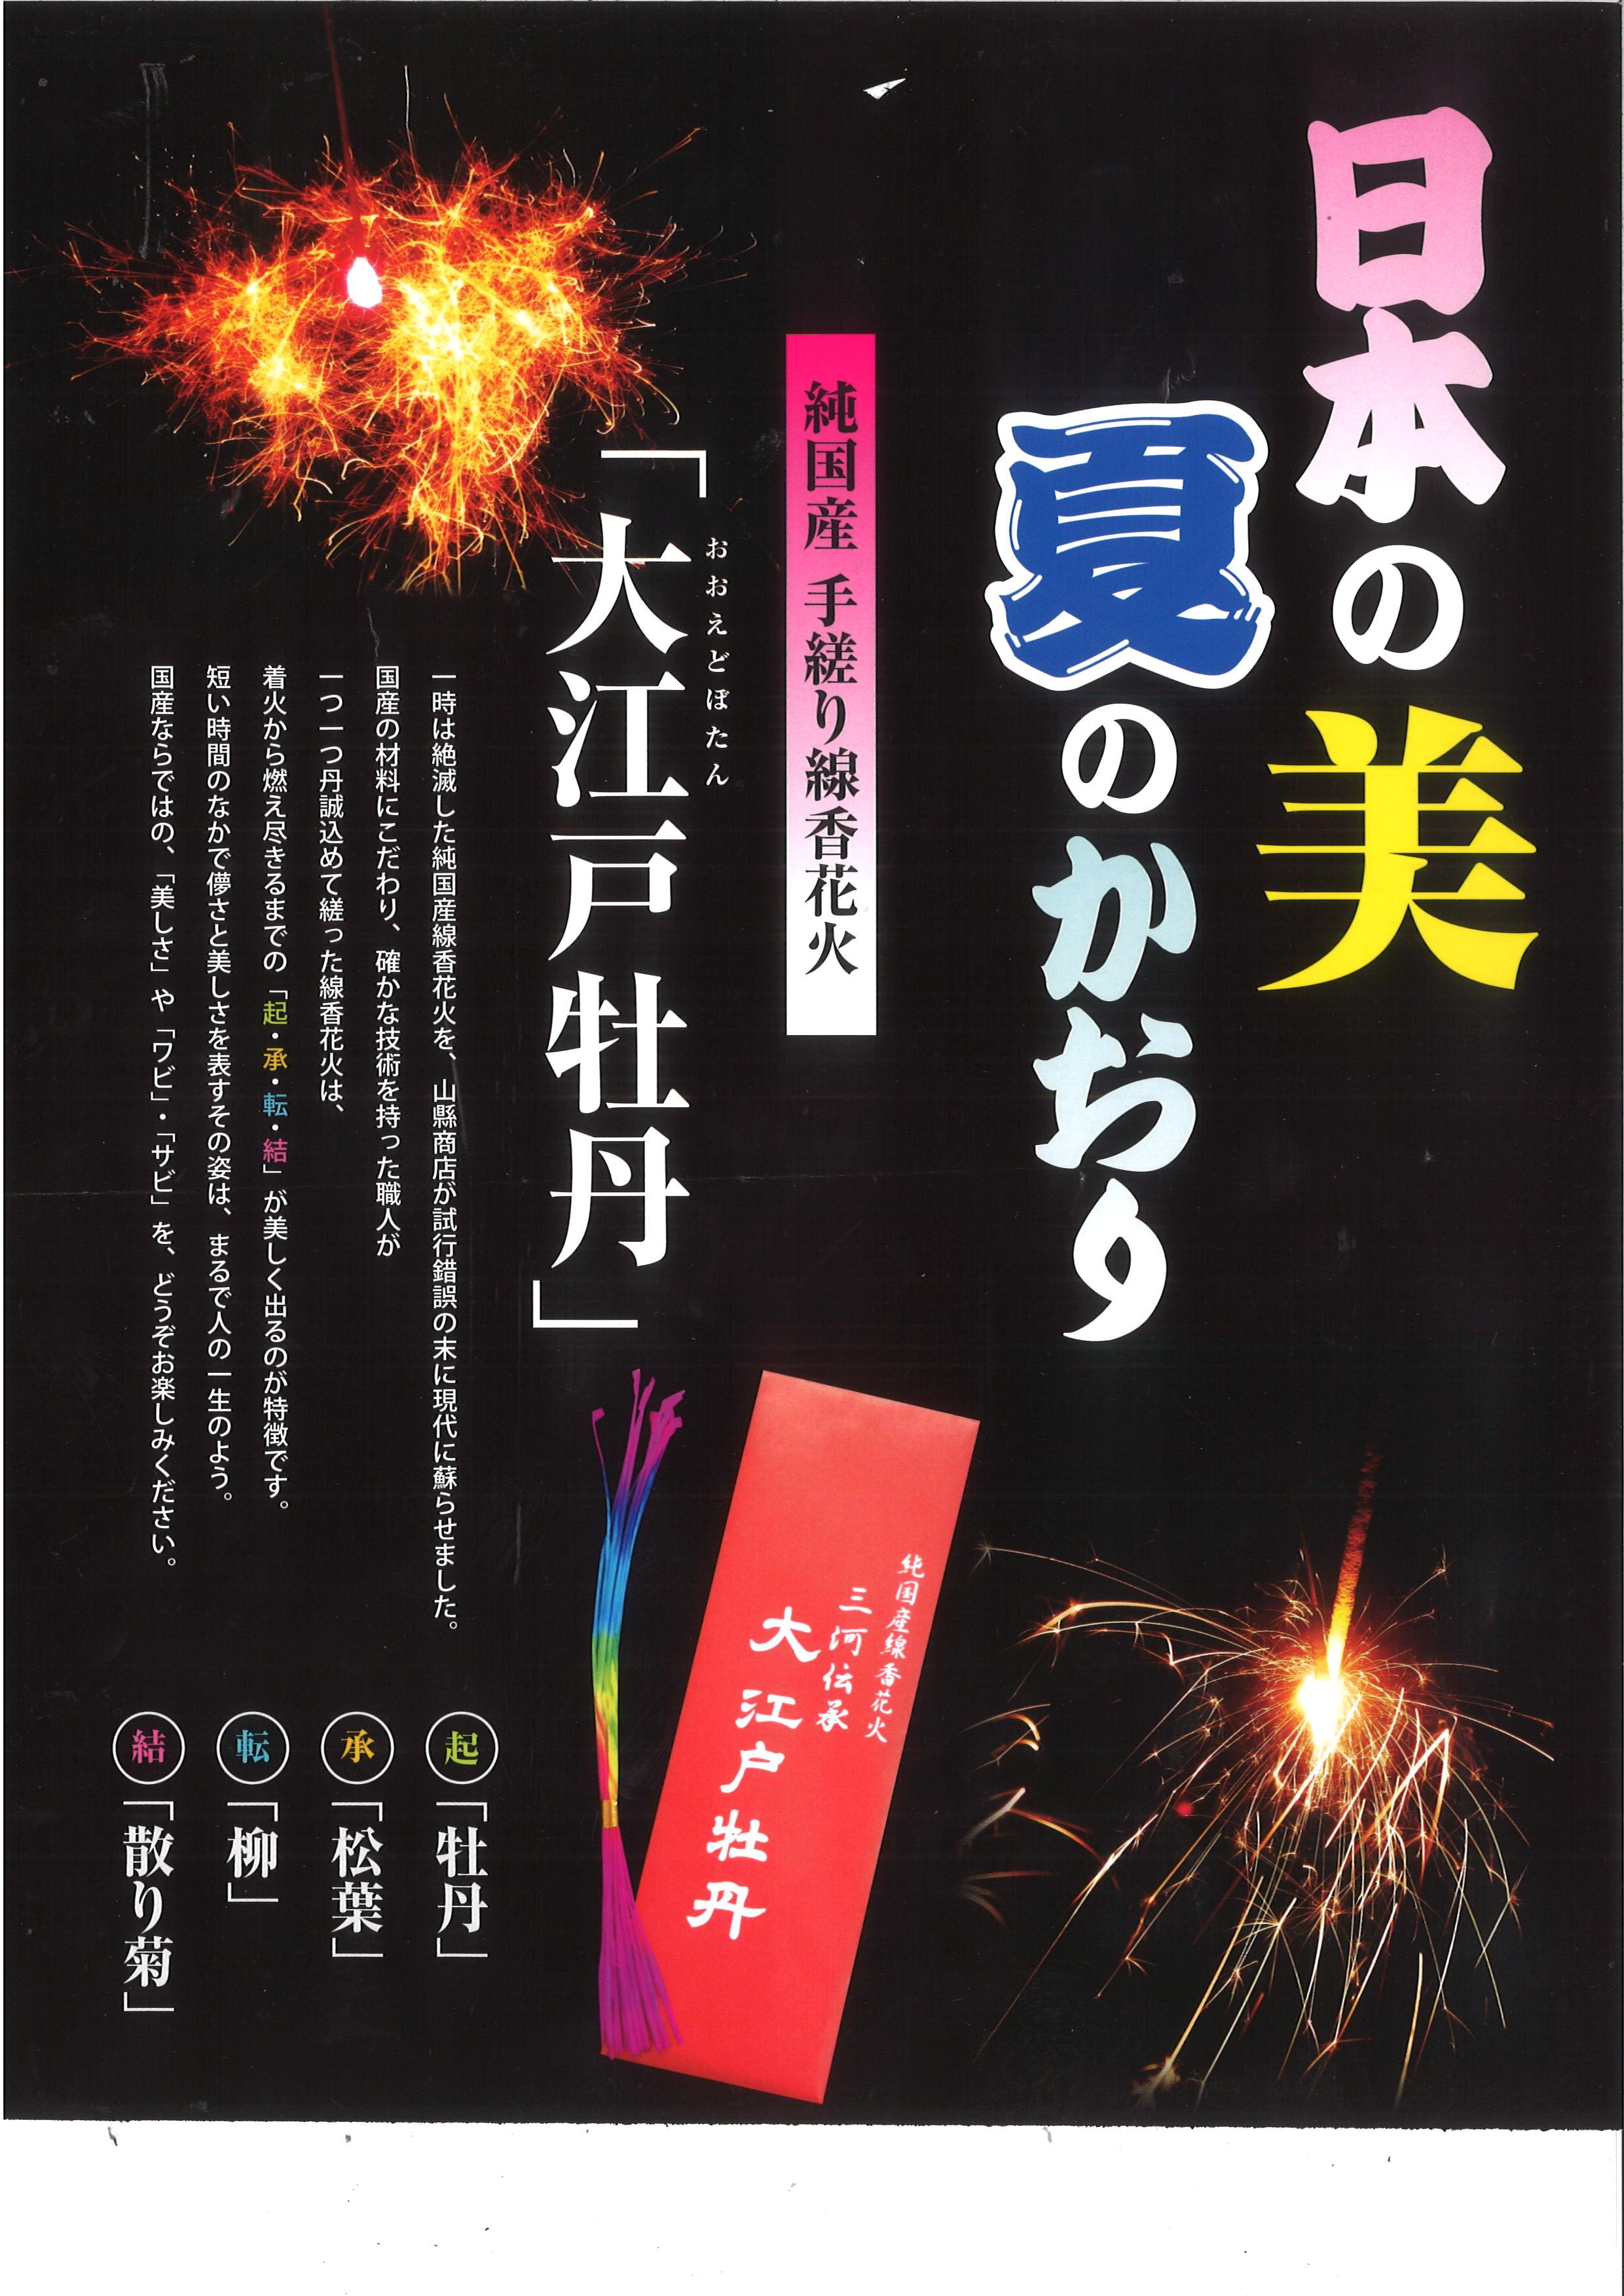 大江戸牡丹線香花火10本入り 600円